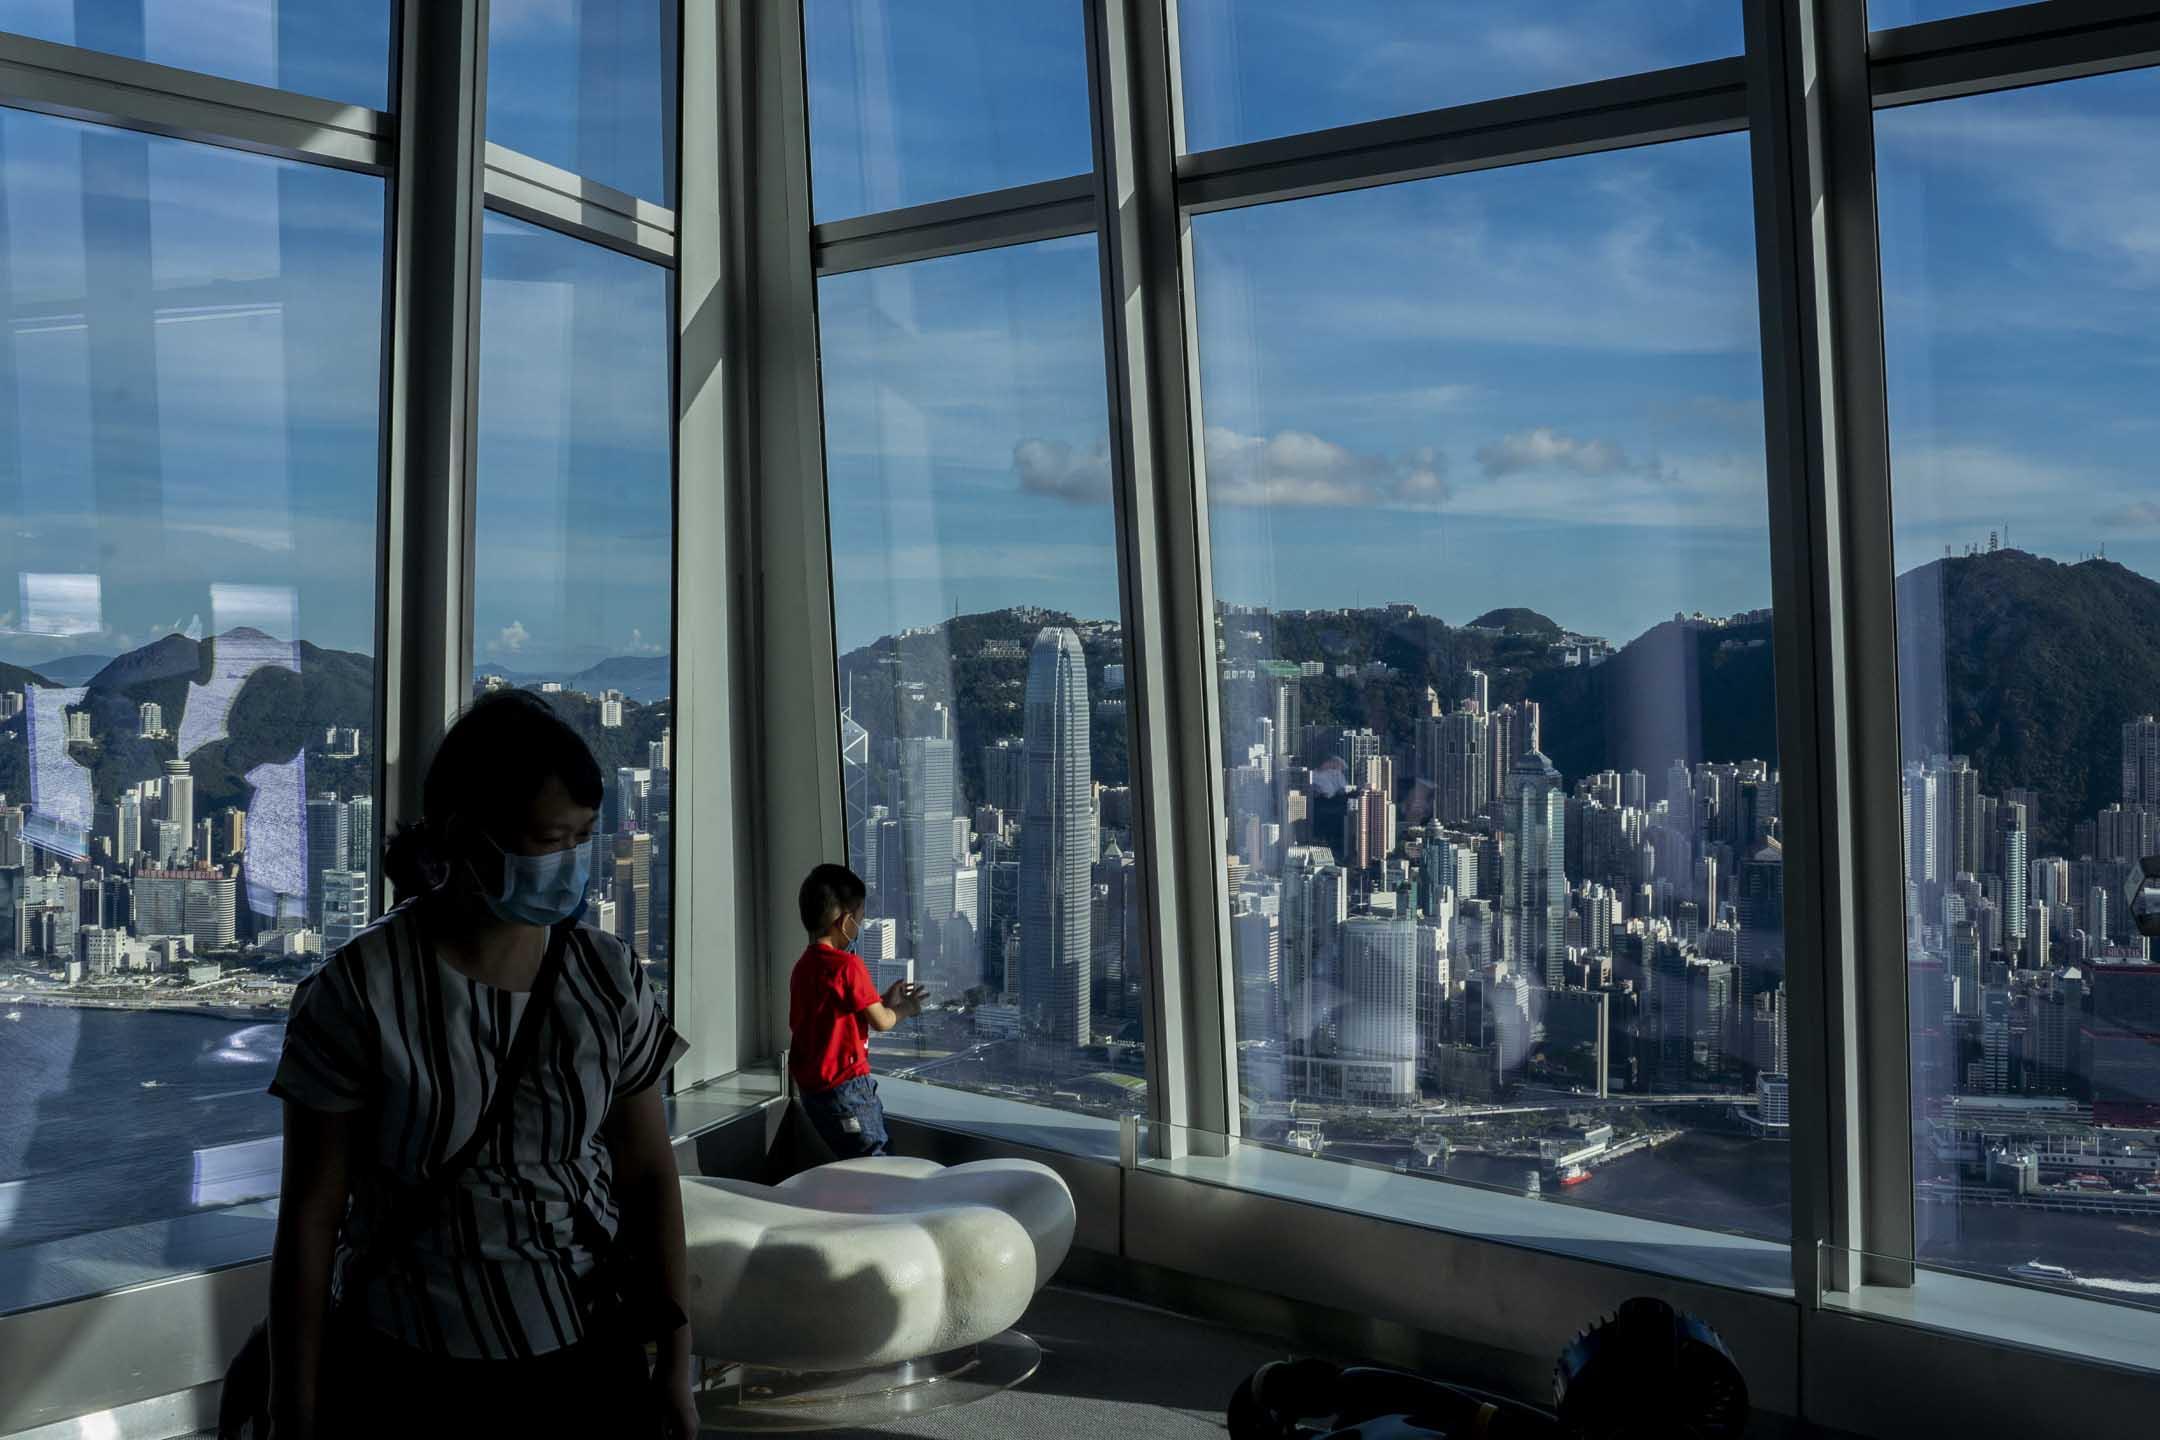 2020年6月30日,香港。「港區國安法」經全國人大常委表決通過,特首林鄭月娥隨後宣佈,「港區國安法」會在這天稍後生效。 攝:林振東/端傳媒